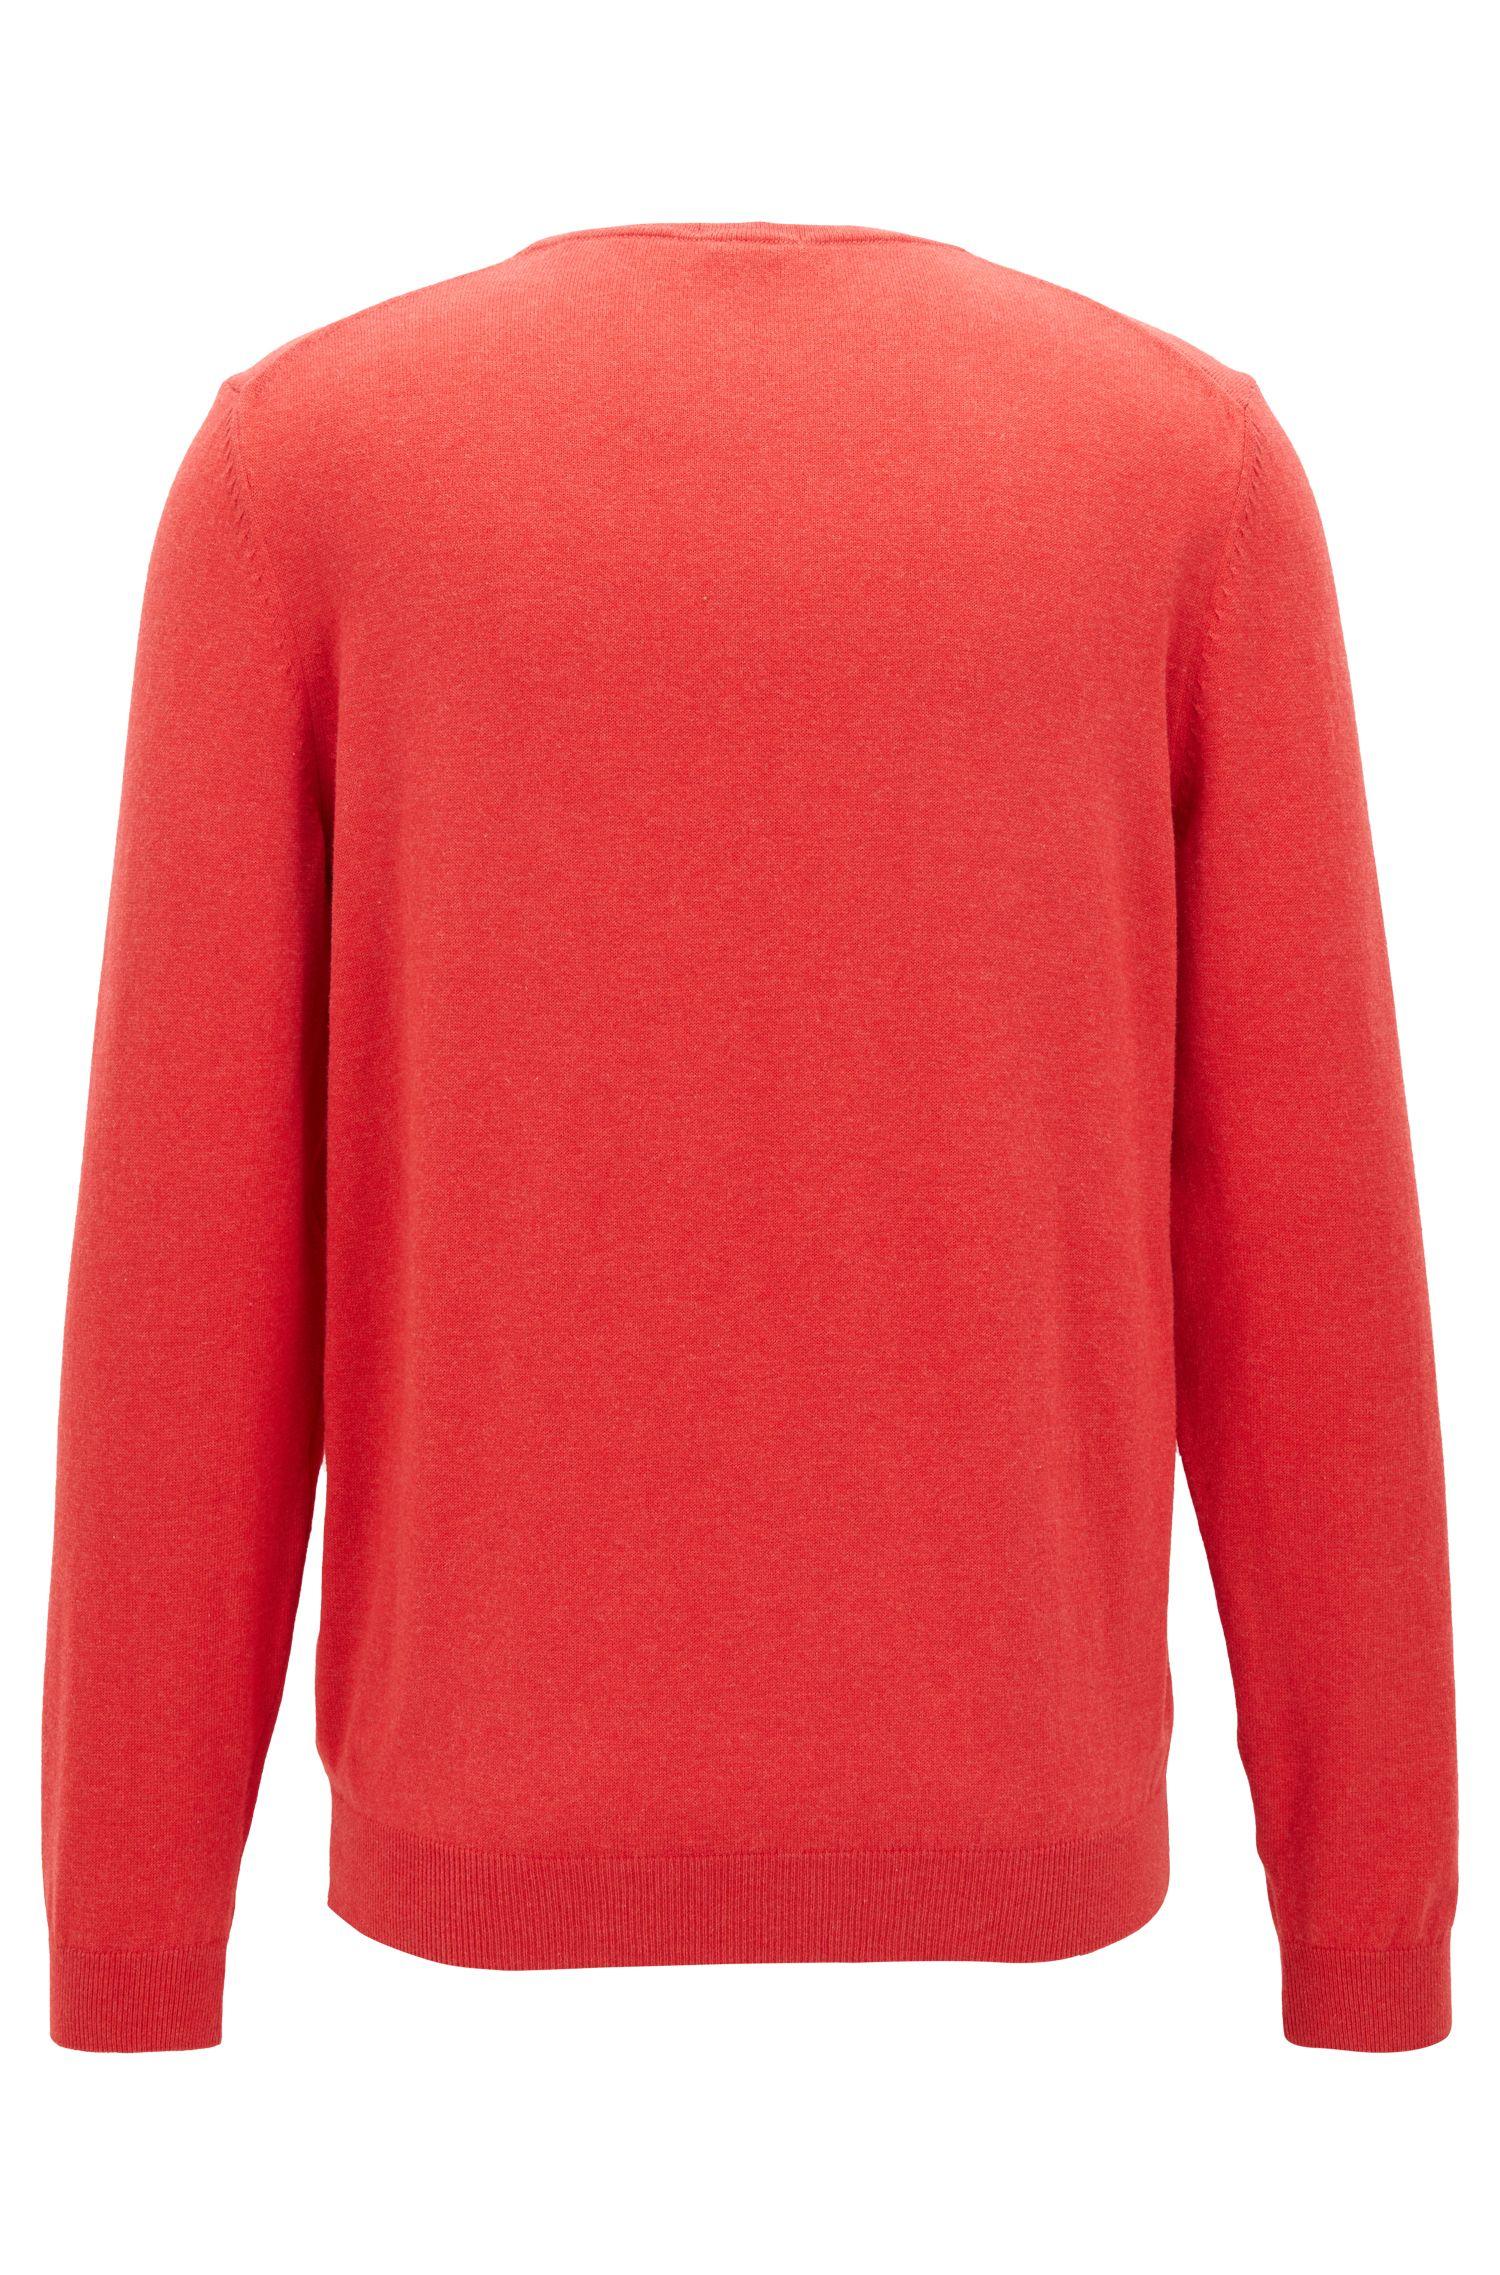 Jersey de cuello redondo en algodón egipcio con un suave lavado